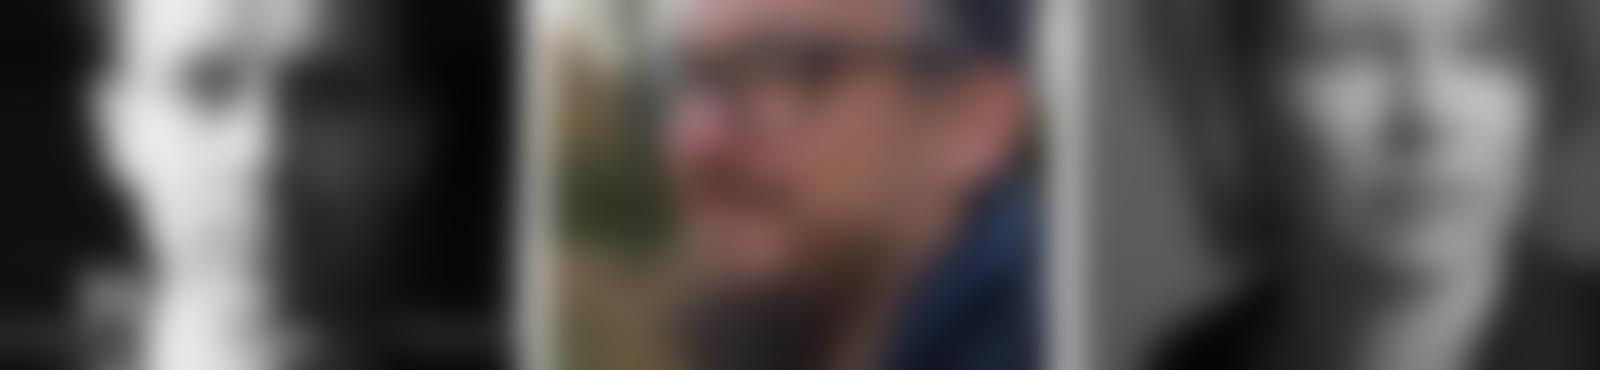 Blurred 1fde3b89 5b53 492e 8e80 3e80bbb469c9